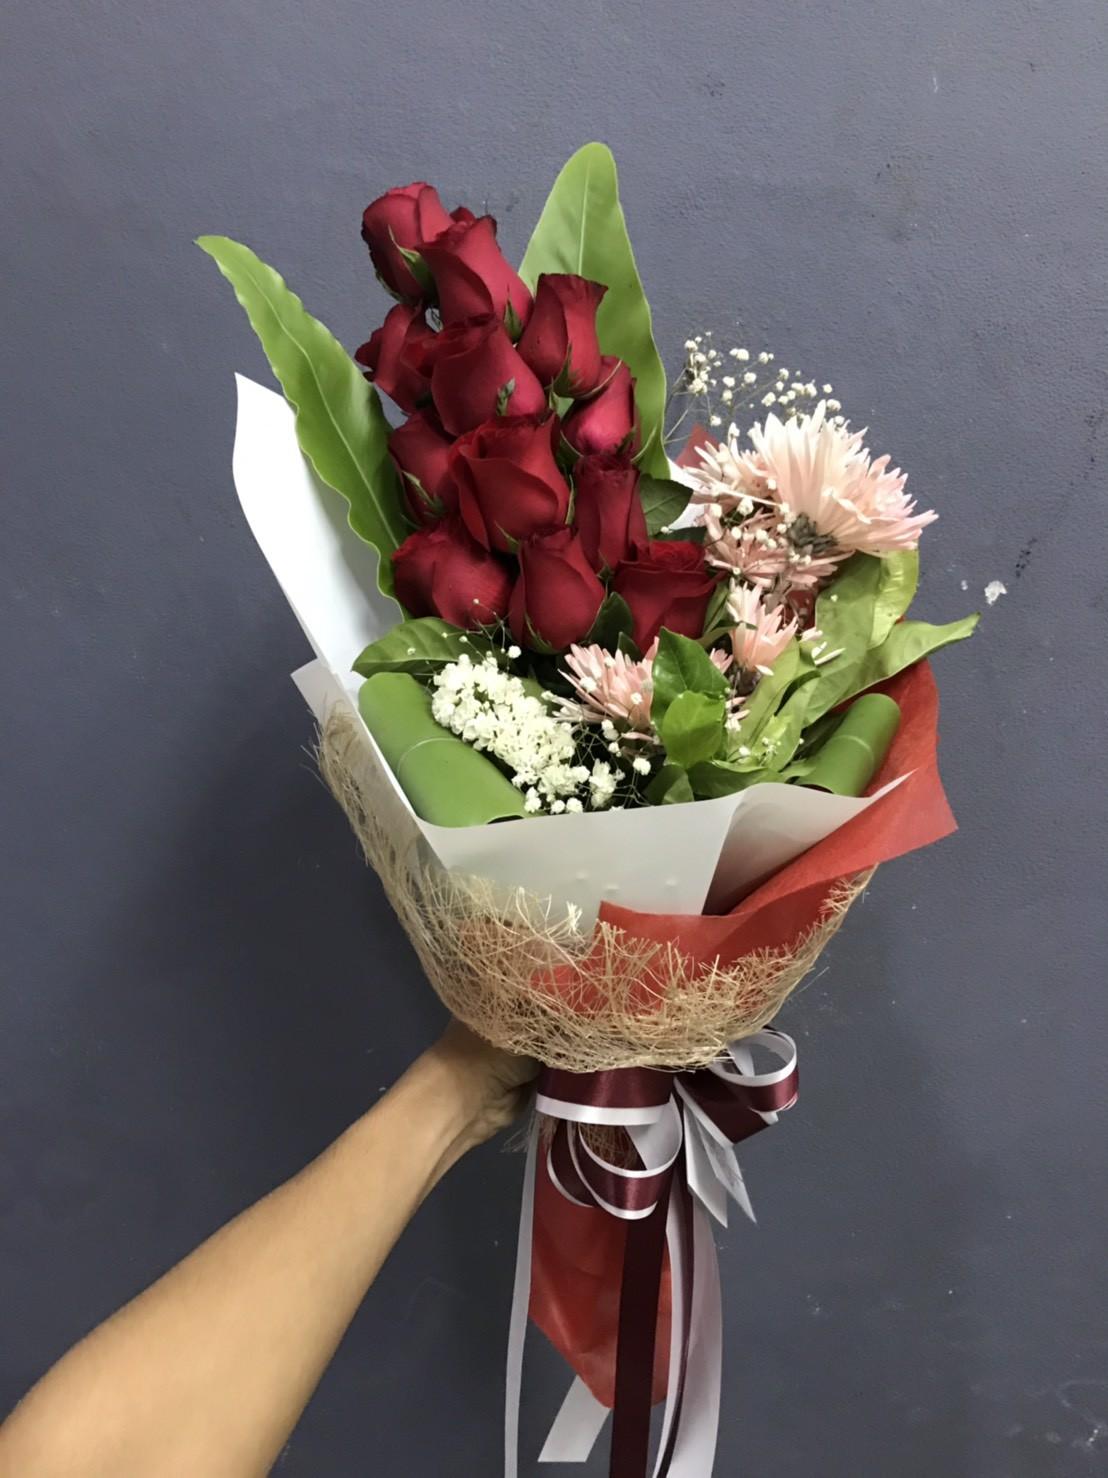 ช่อดอกกุหลาบแดง แซมด้วยดอกยิปโซ สื่อถึงความรักความหวังดีนะคะ